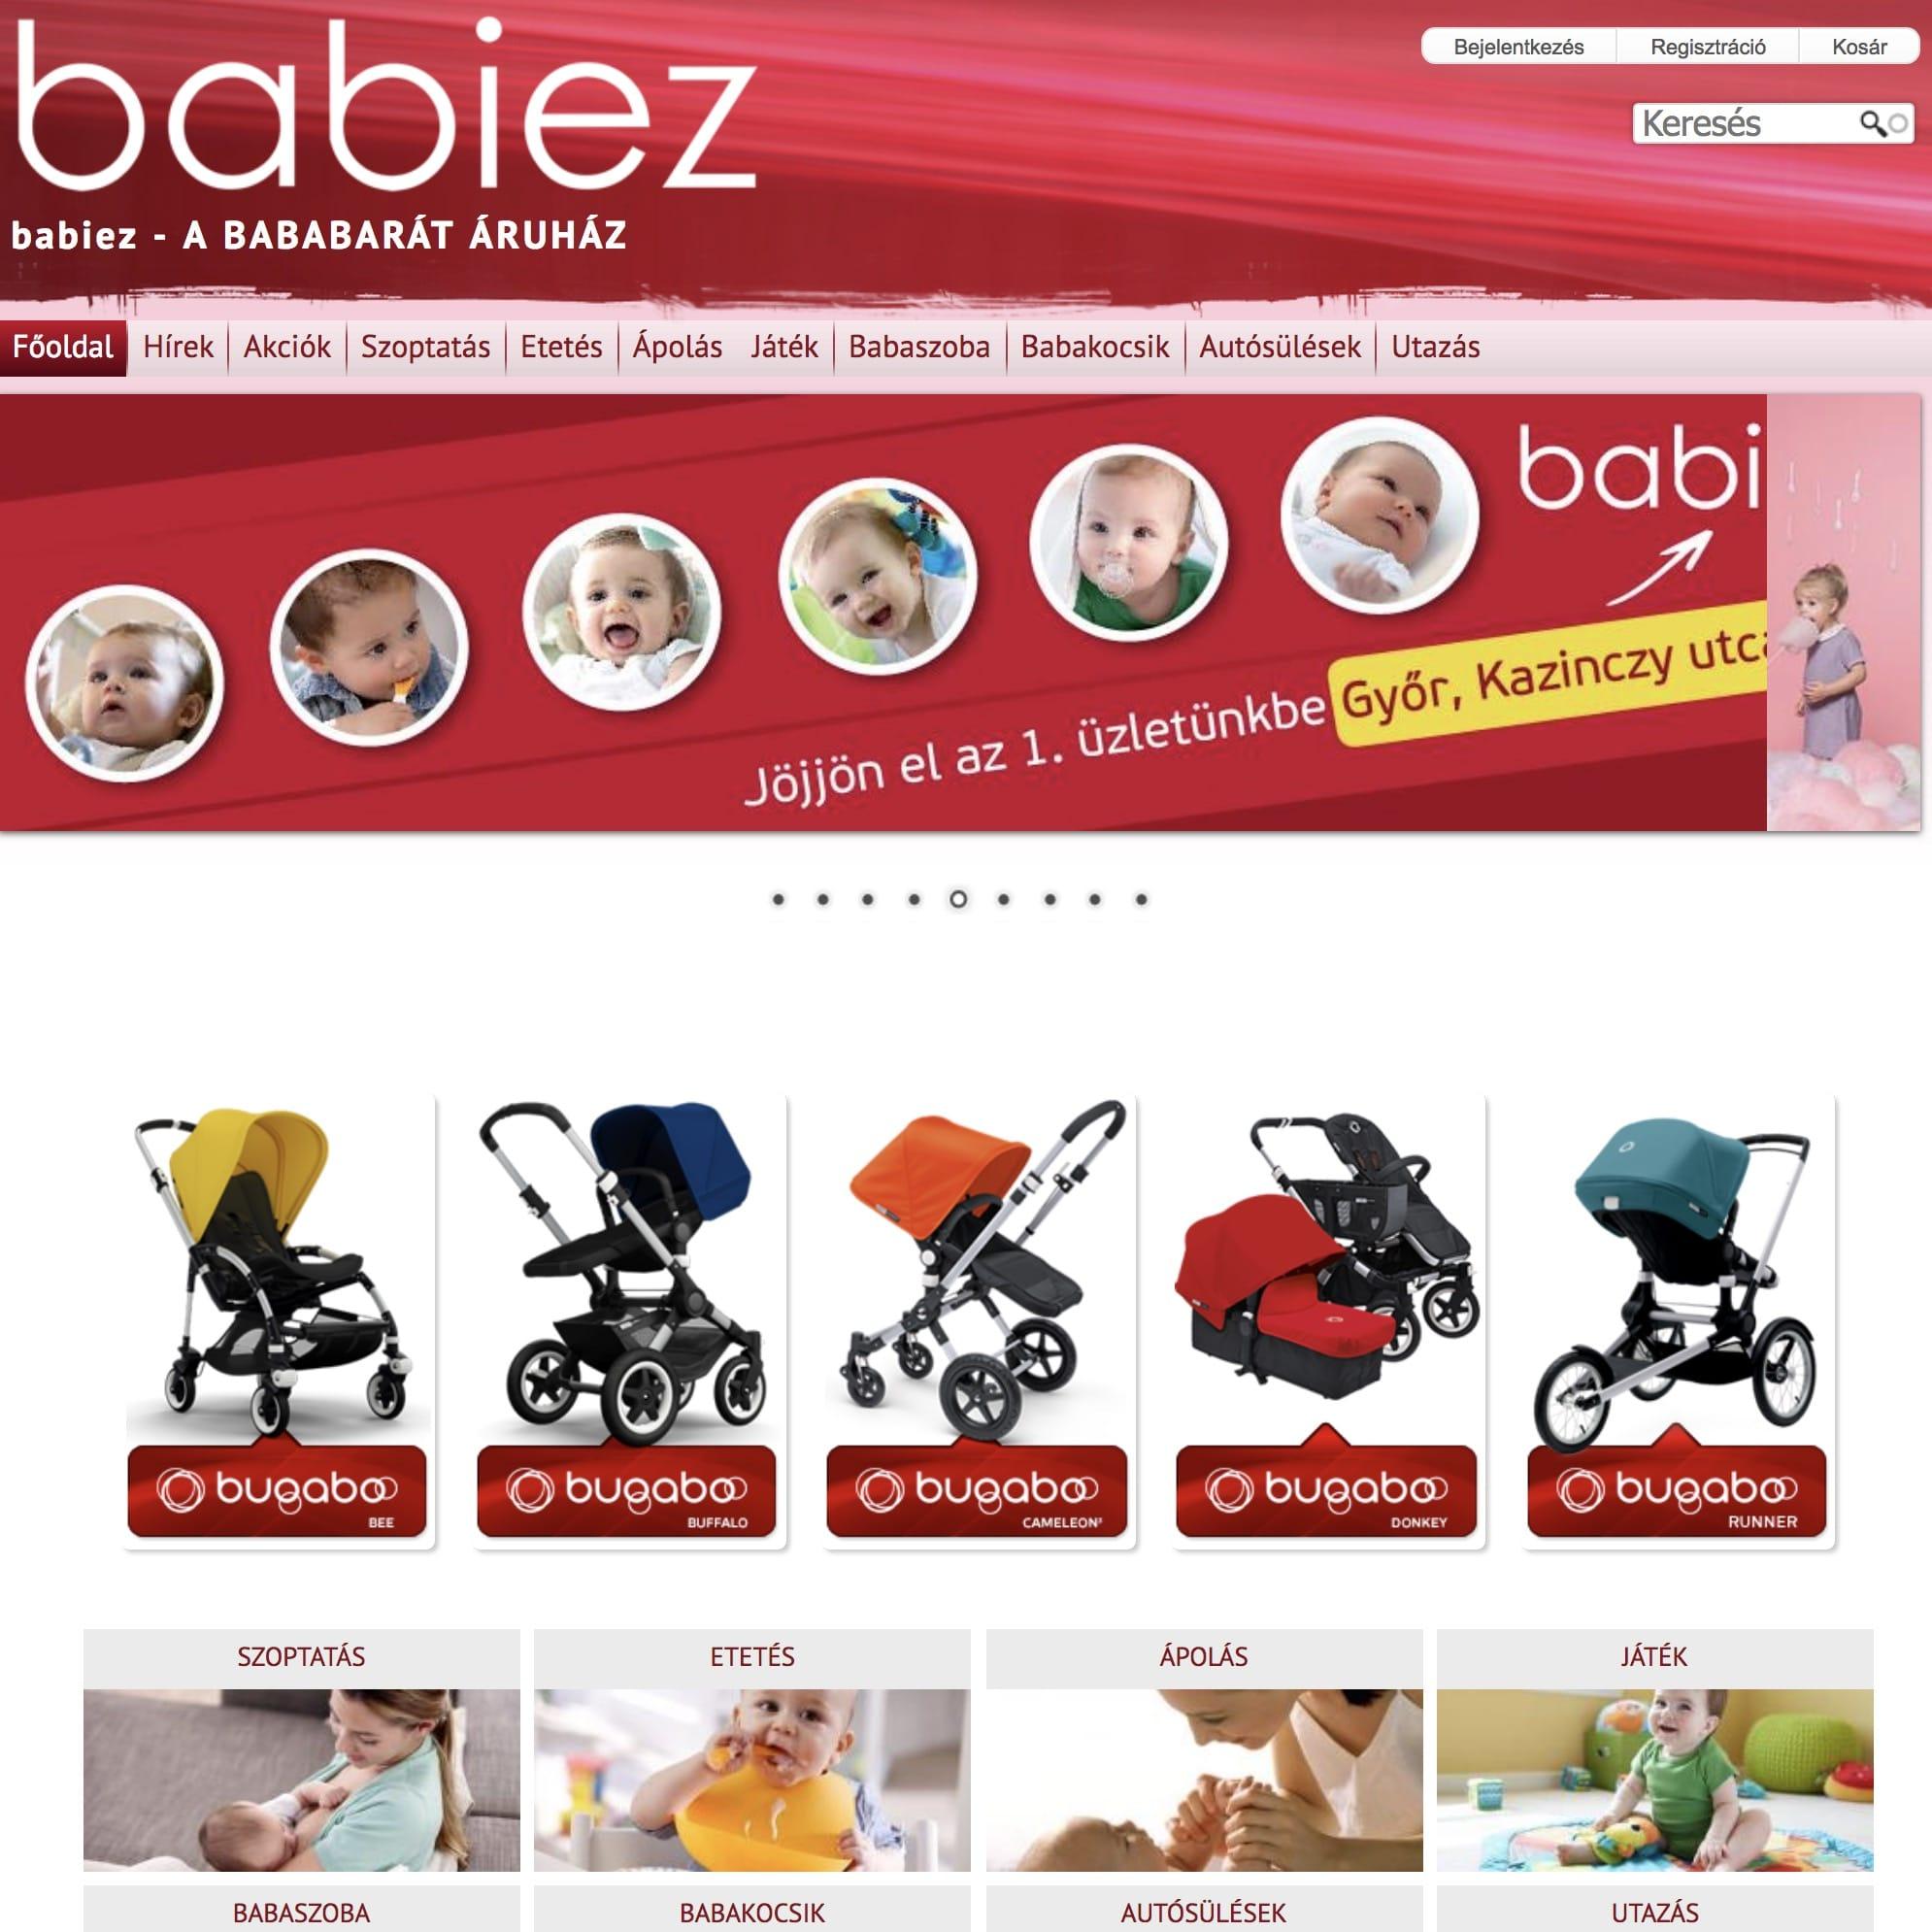 610bf18ff6 Babiez.hu - egyedi baba webáruház elkészült   MiniBolt.hu webáruház ...